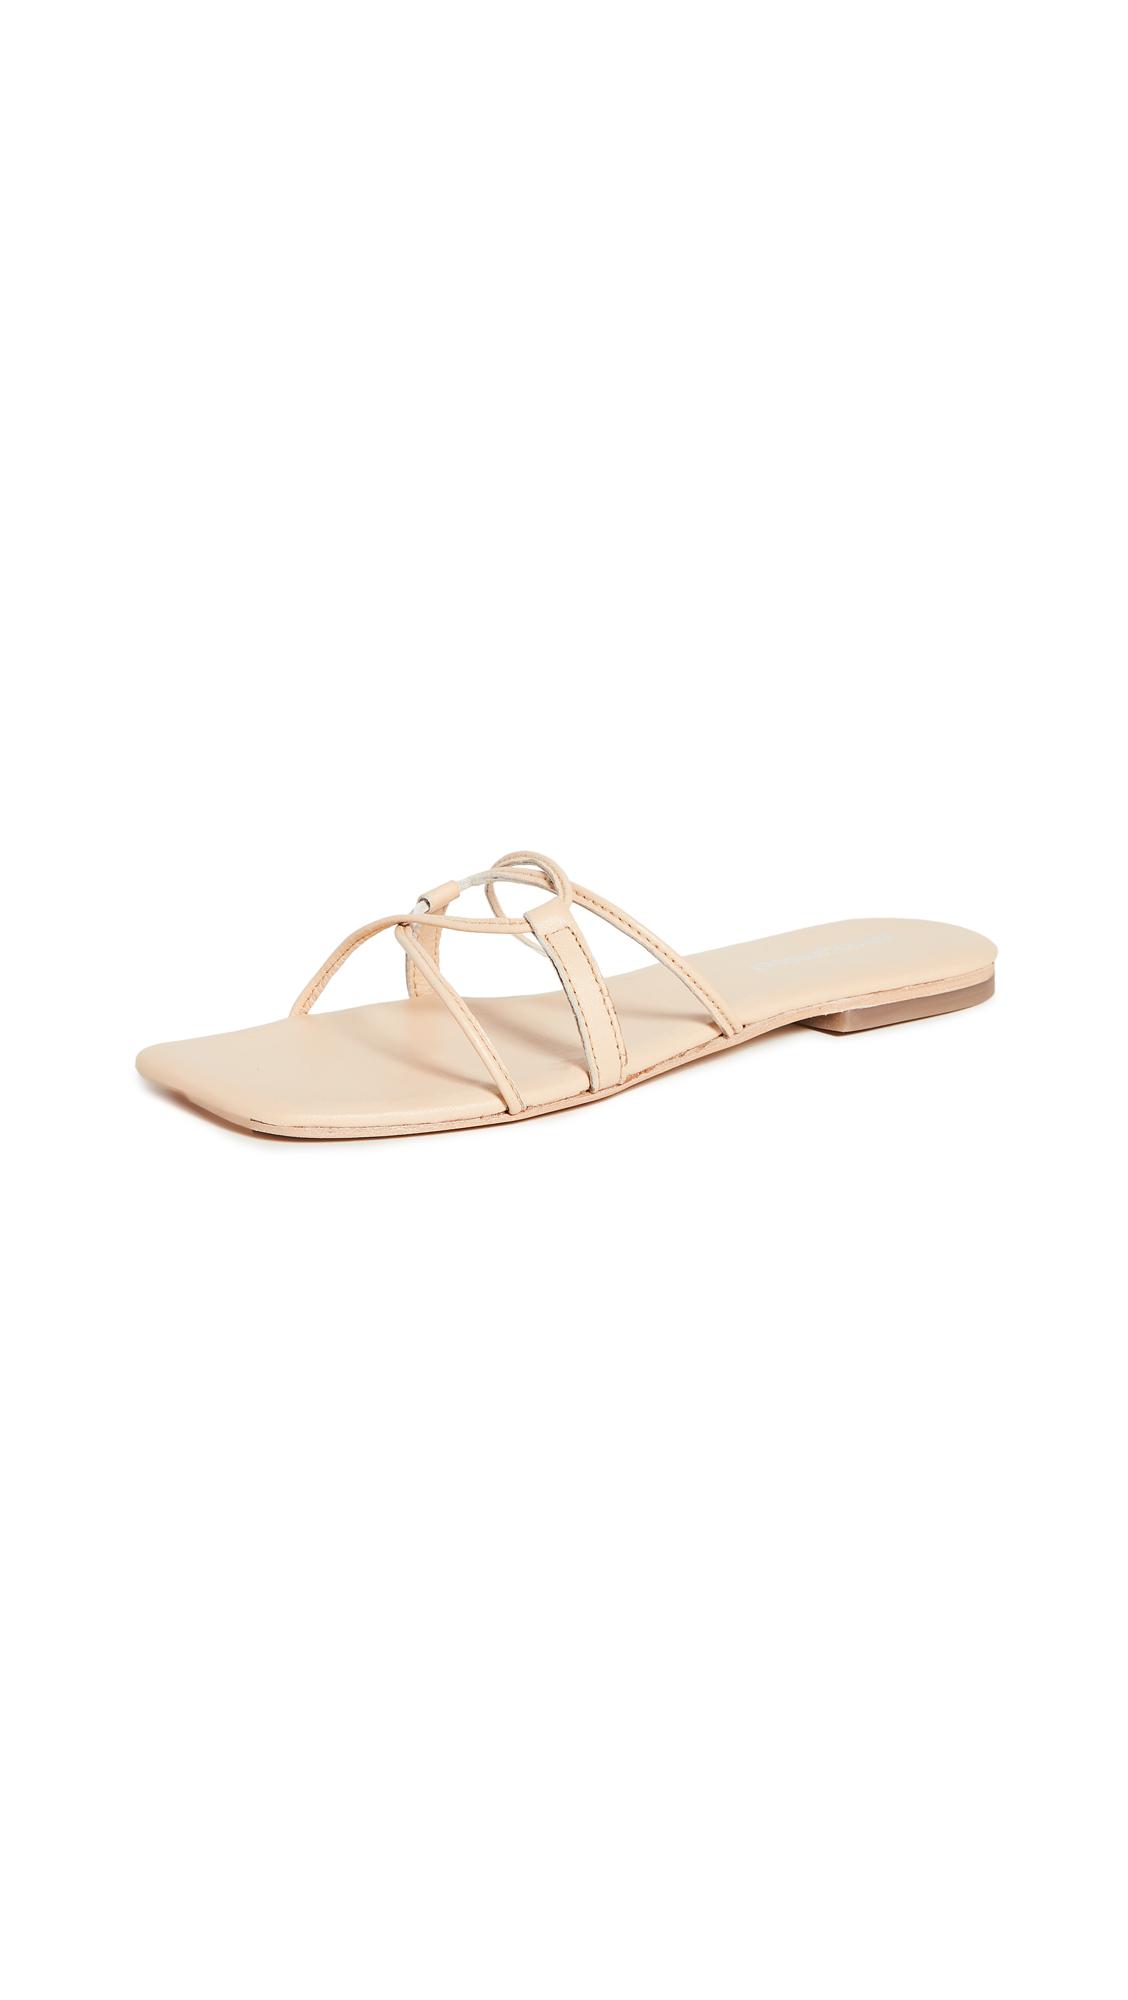 Jeffrey Campbell Adison Sandals - 40% Off Sale